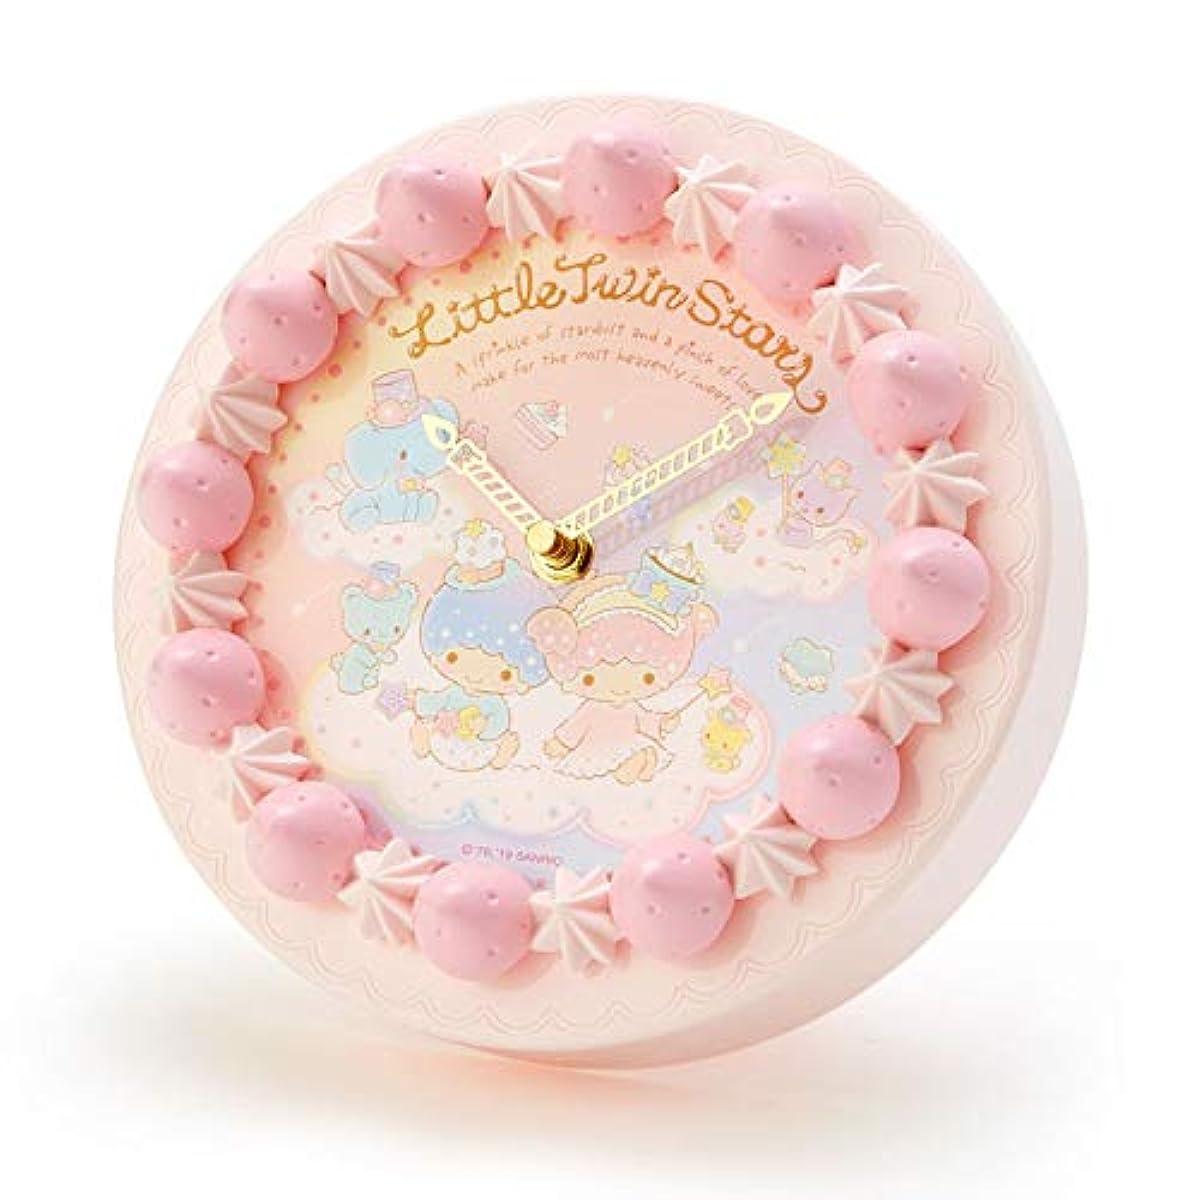 [해외] 리틀 트윈 스타의 케익틀 벽시계